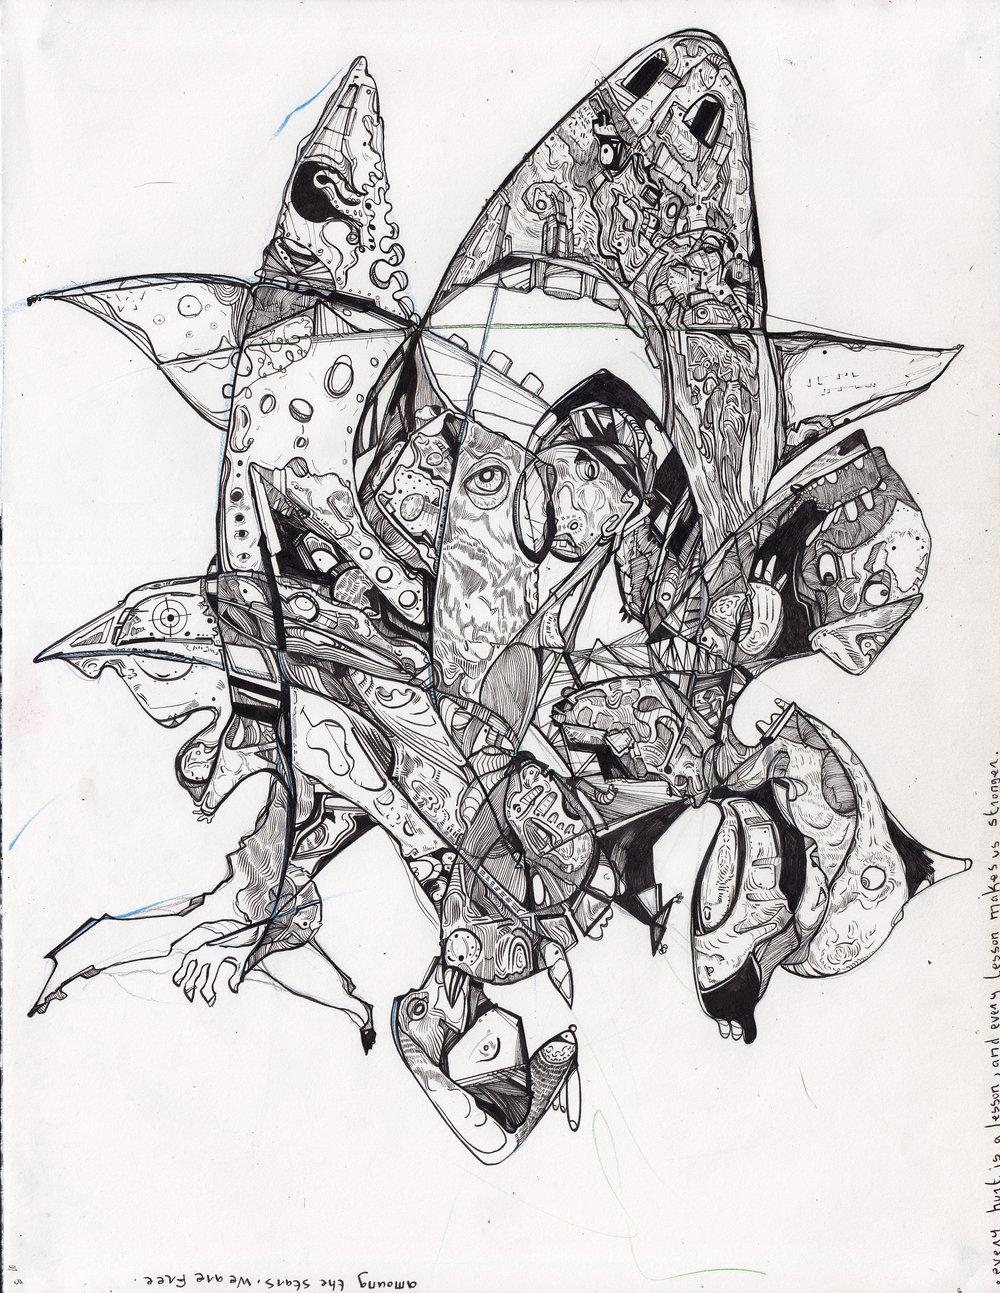 """La gang de sequins aux dents perdus  Pen & Ink on Paper • 11"""" x 17"""" • 2015-16 Drawing Size:11"""" H x 17 W"""" x 0.5 in"""